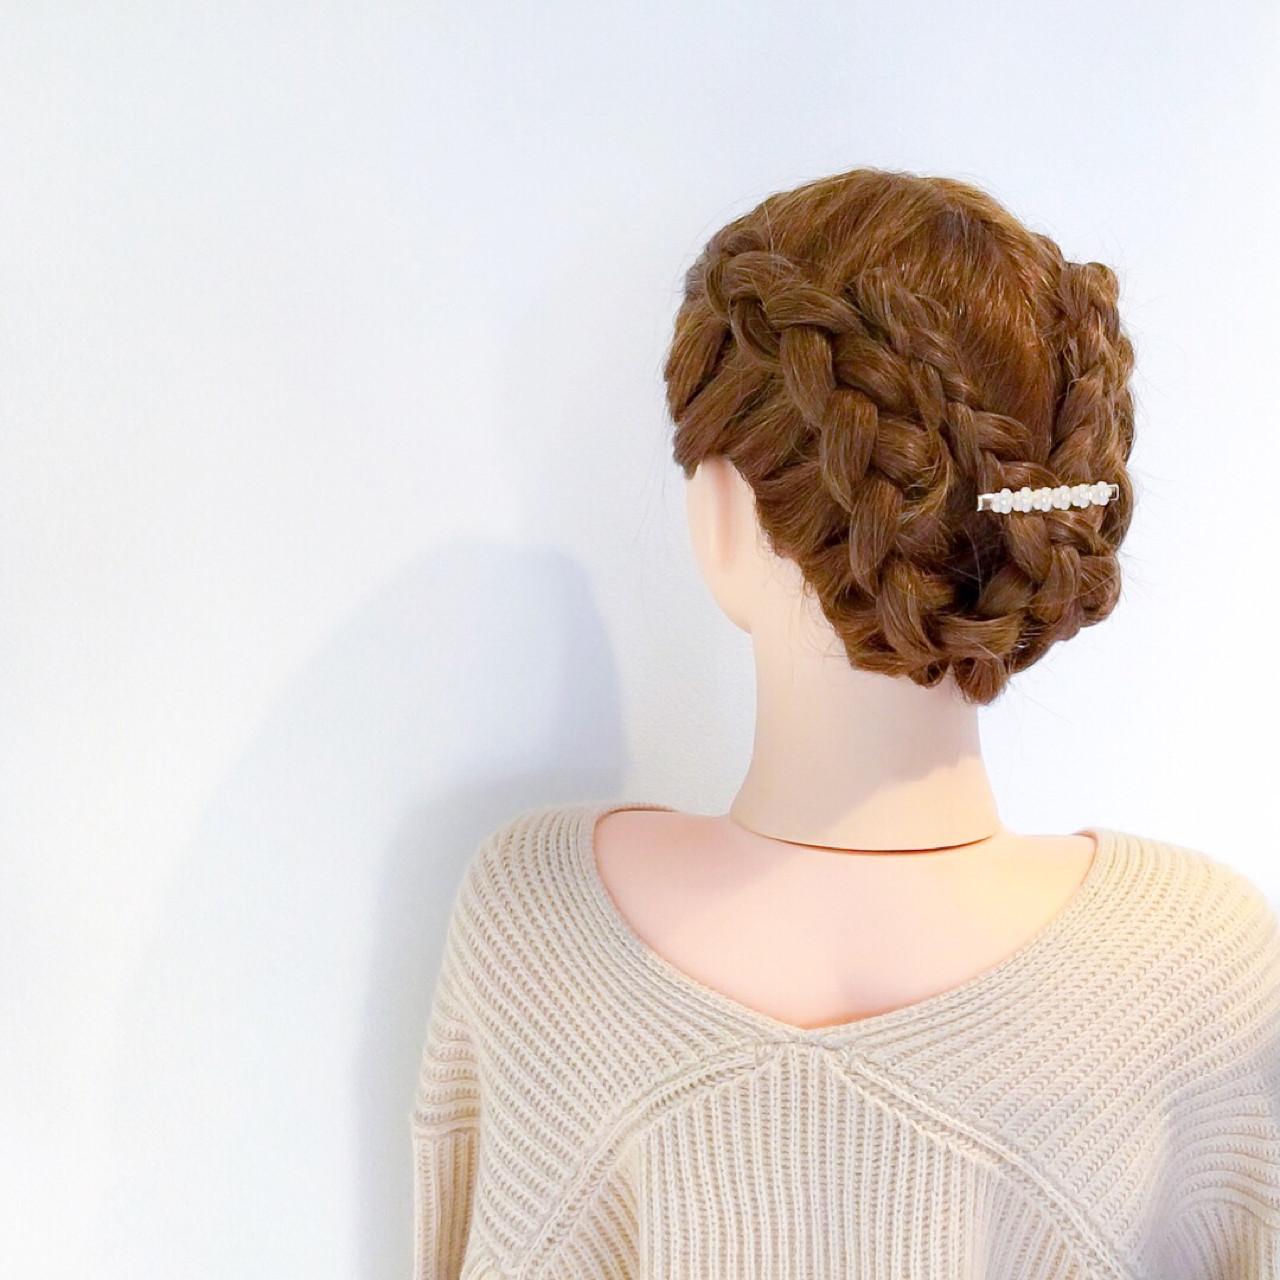 デート 結婚式 セミロング フェミニン ヘアスタイルや髪型の写真・画像   美容師HIRO/Amoute代表 / Amoute/アムティ